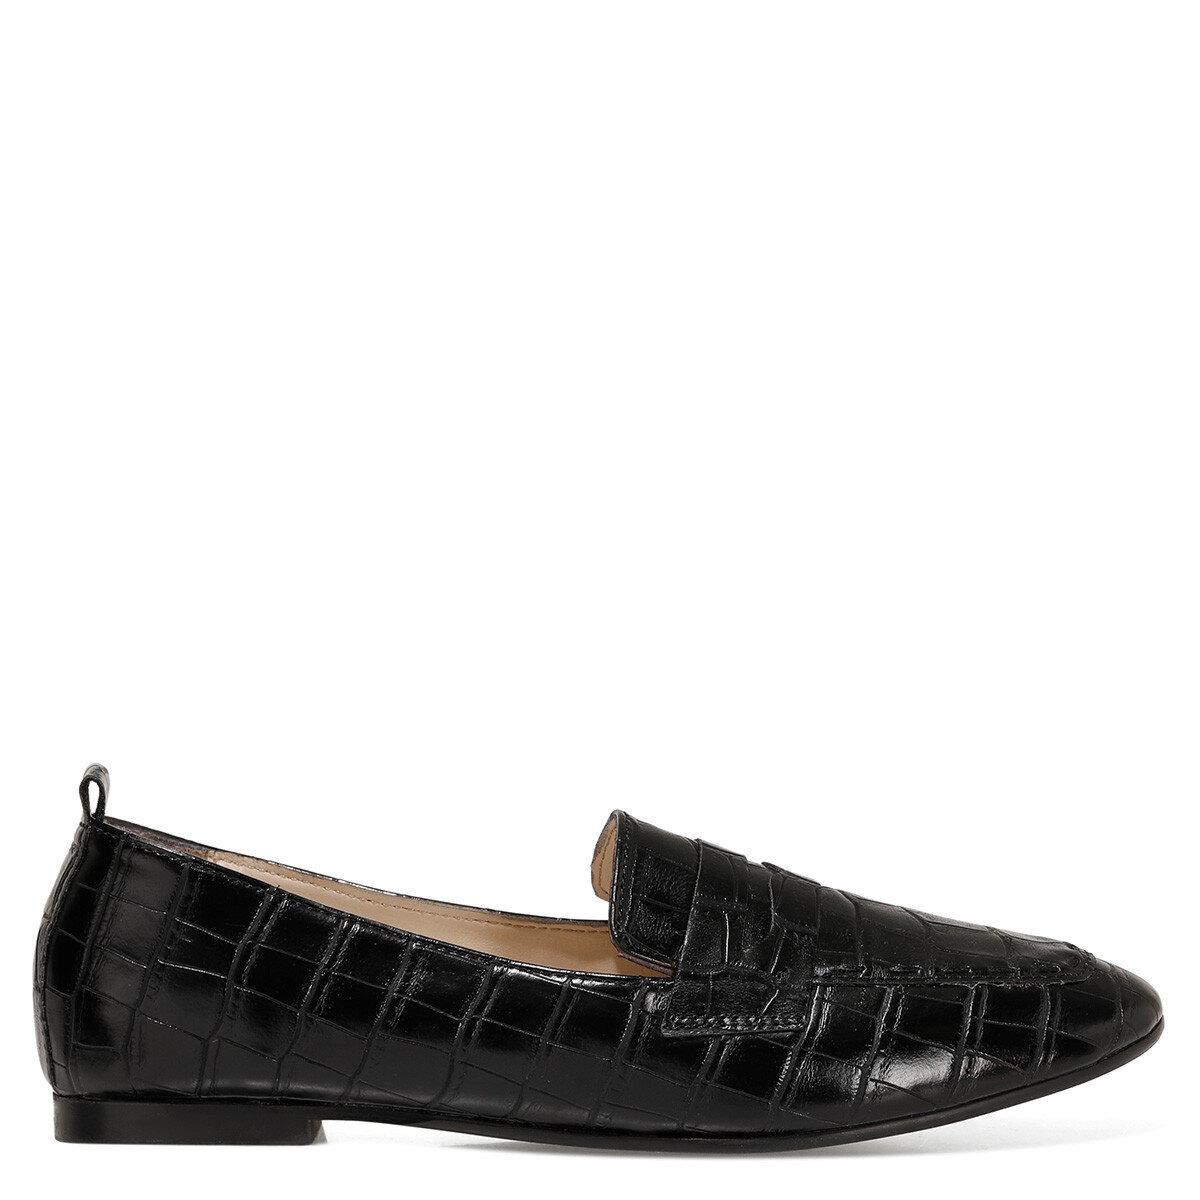 LEFUR2 Siyah Kadın Loafer Ayakkabı